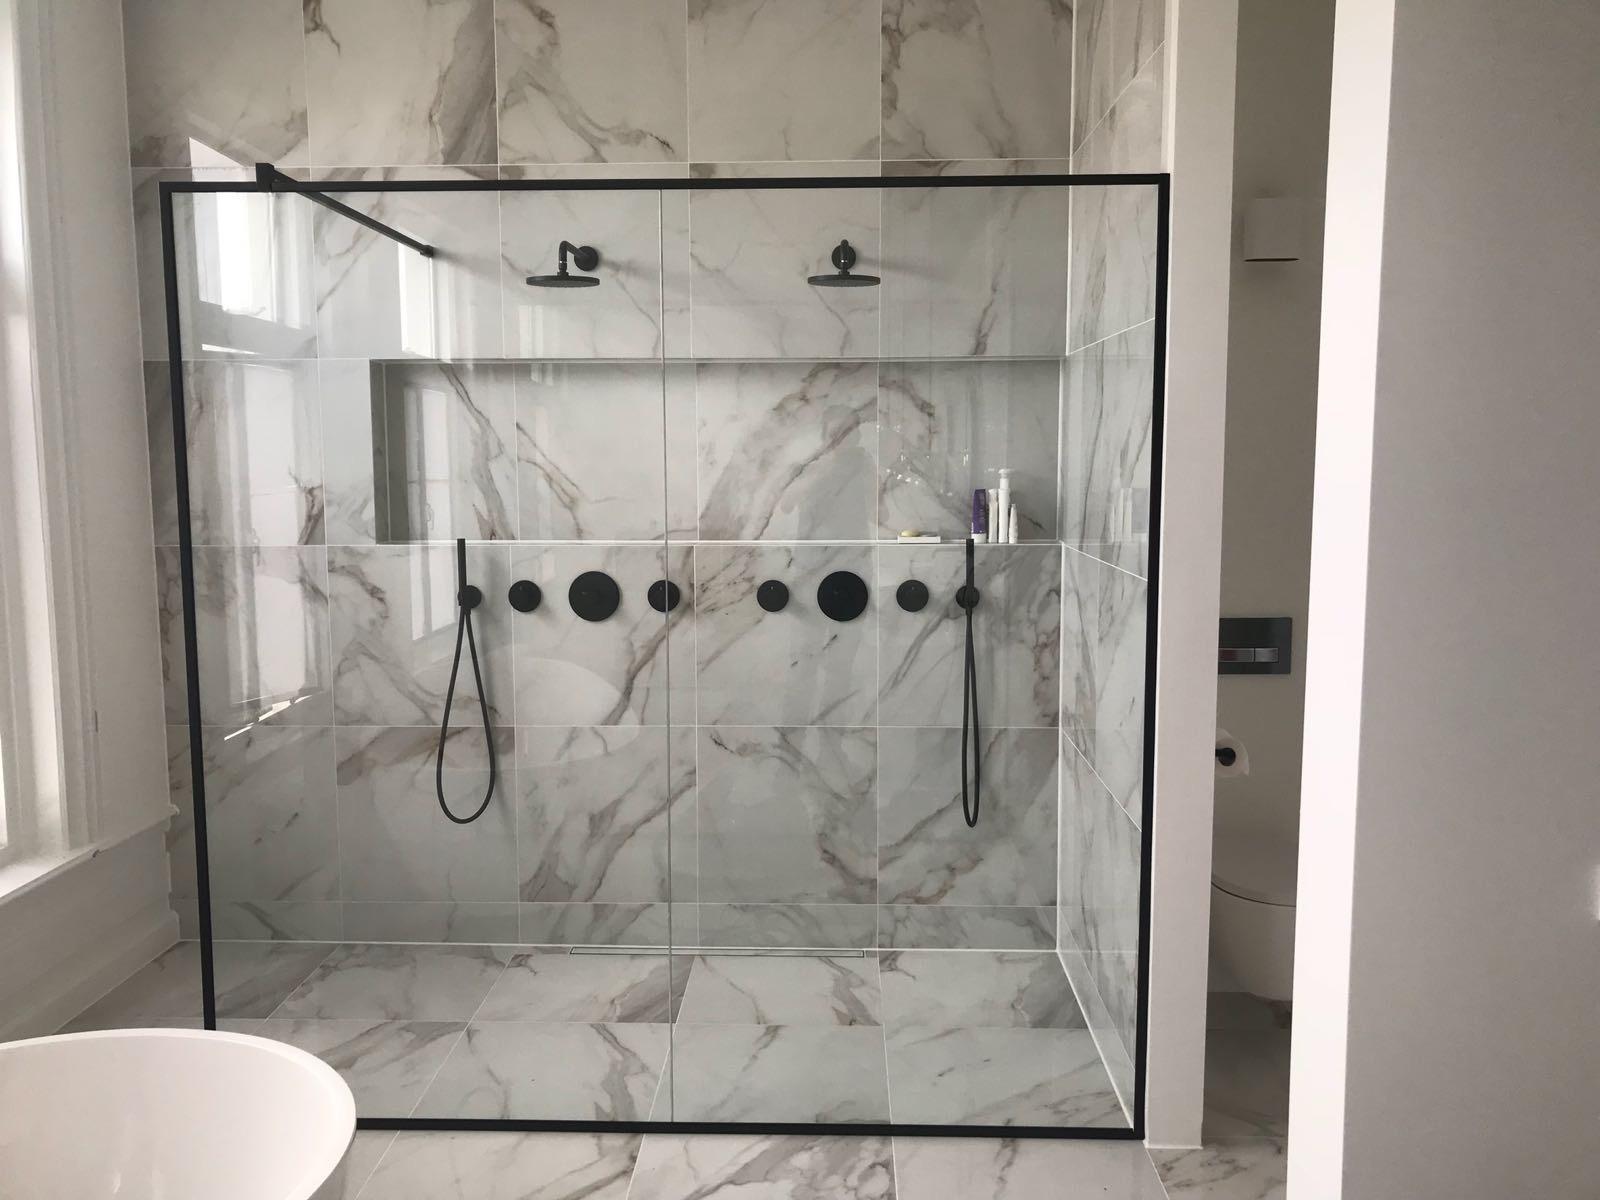 Glazen Wand Douche : Prachtige maatwerk glazen douchewand in zwart frame dullcon